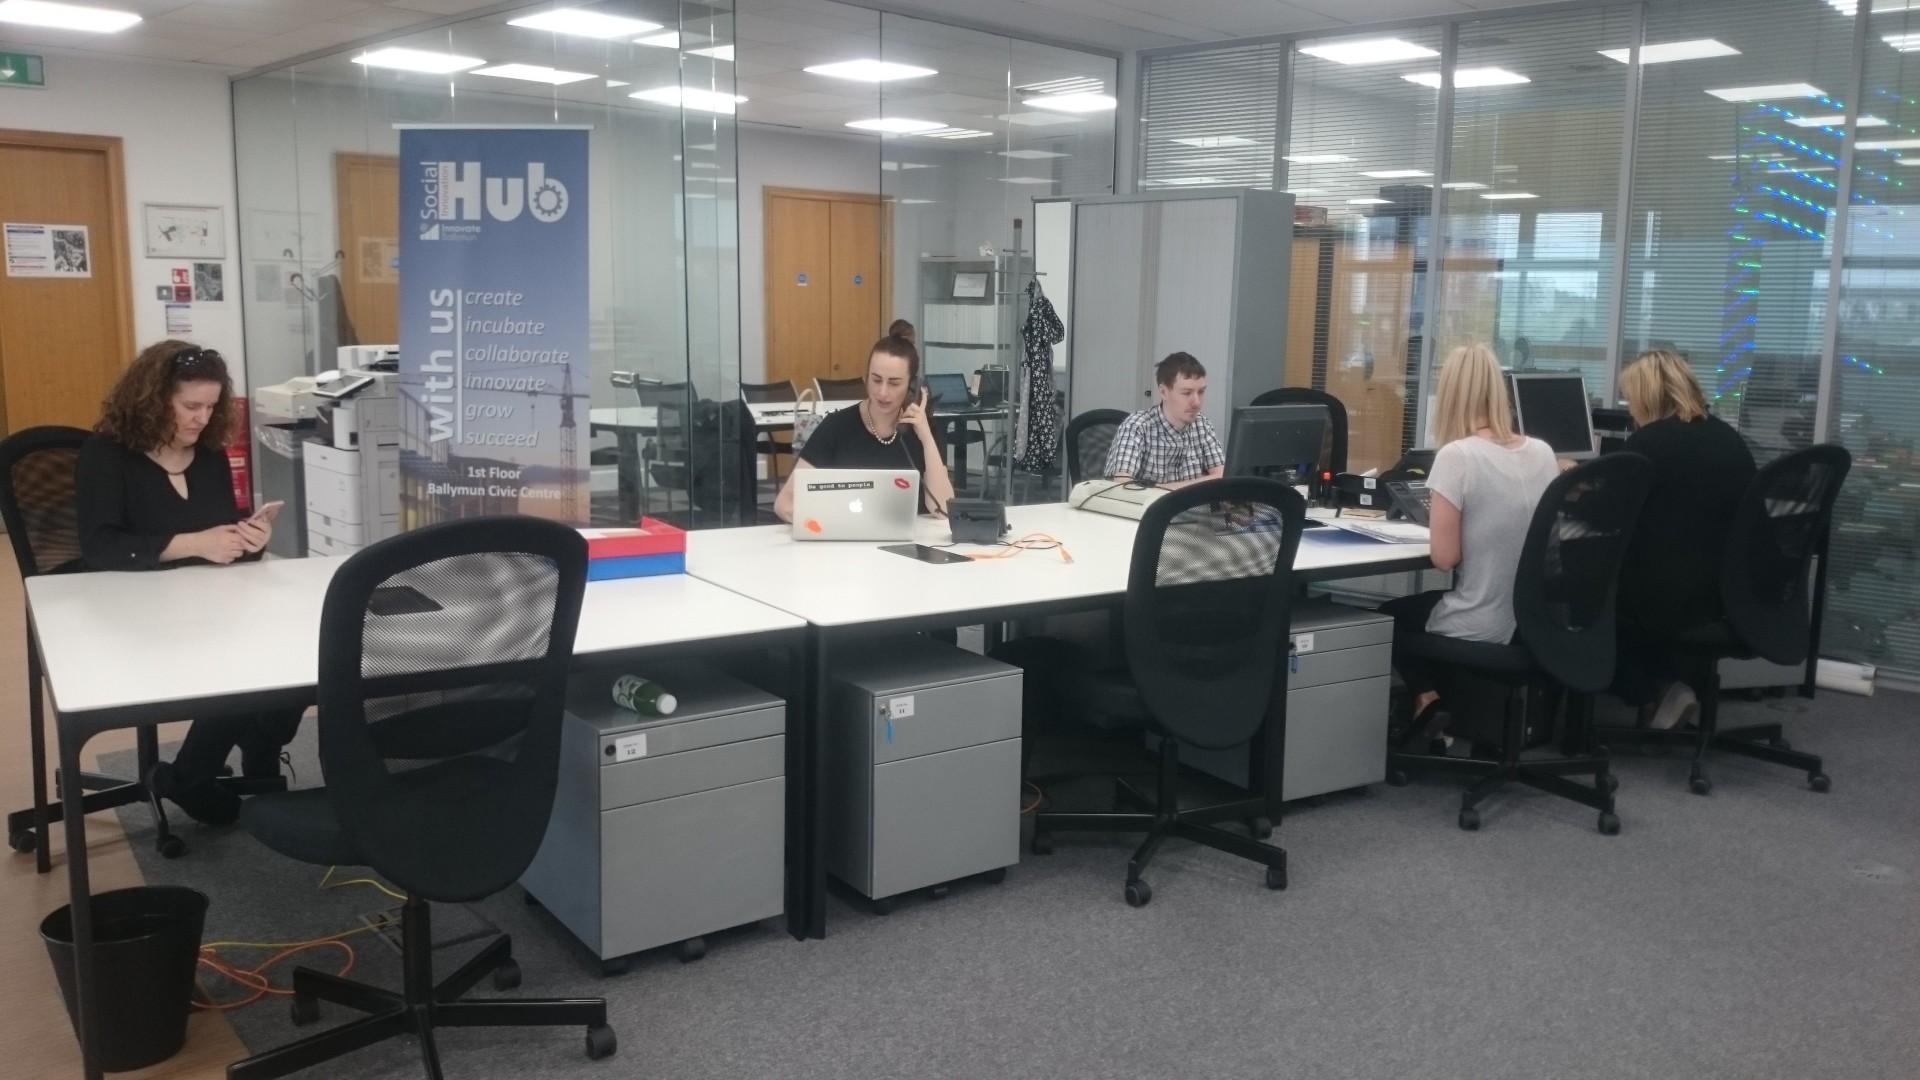 Social Innovation Hub - Ballymun